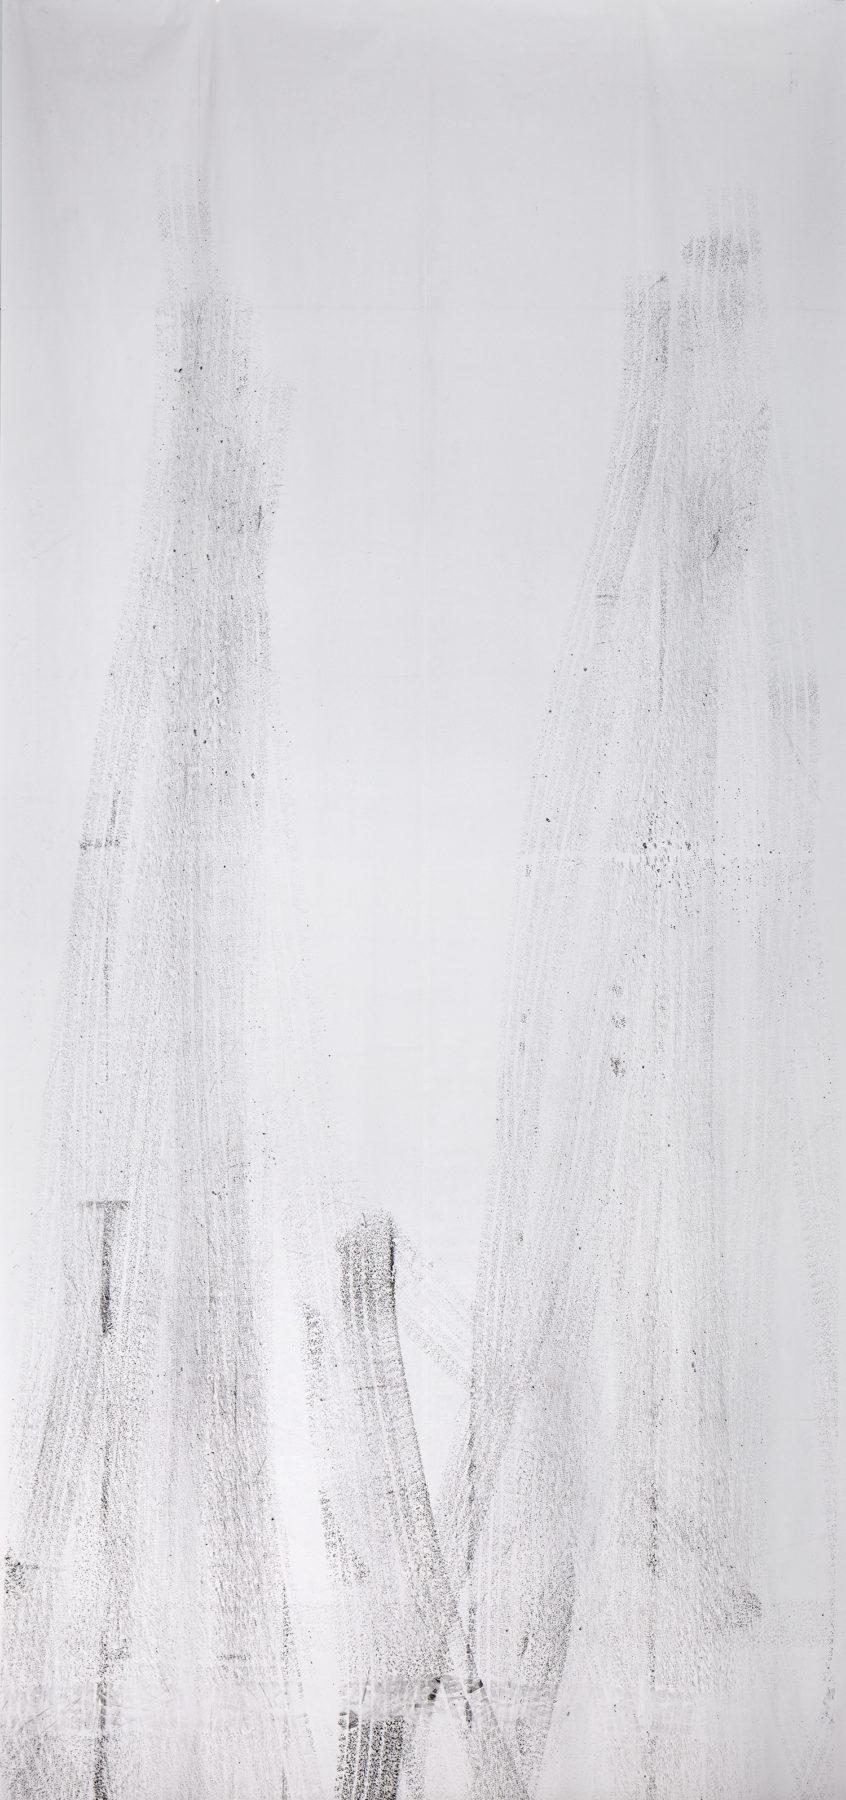 tyreprint, carbon on paper, 600 x 280 cm, 2019